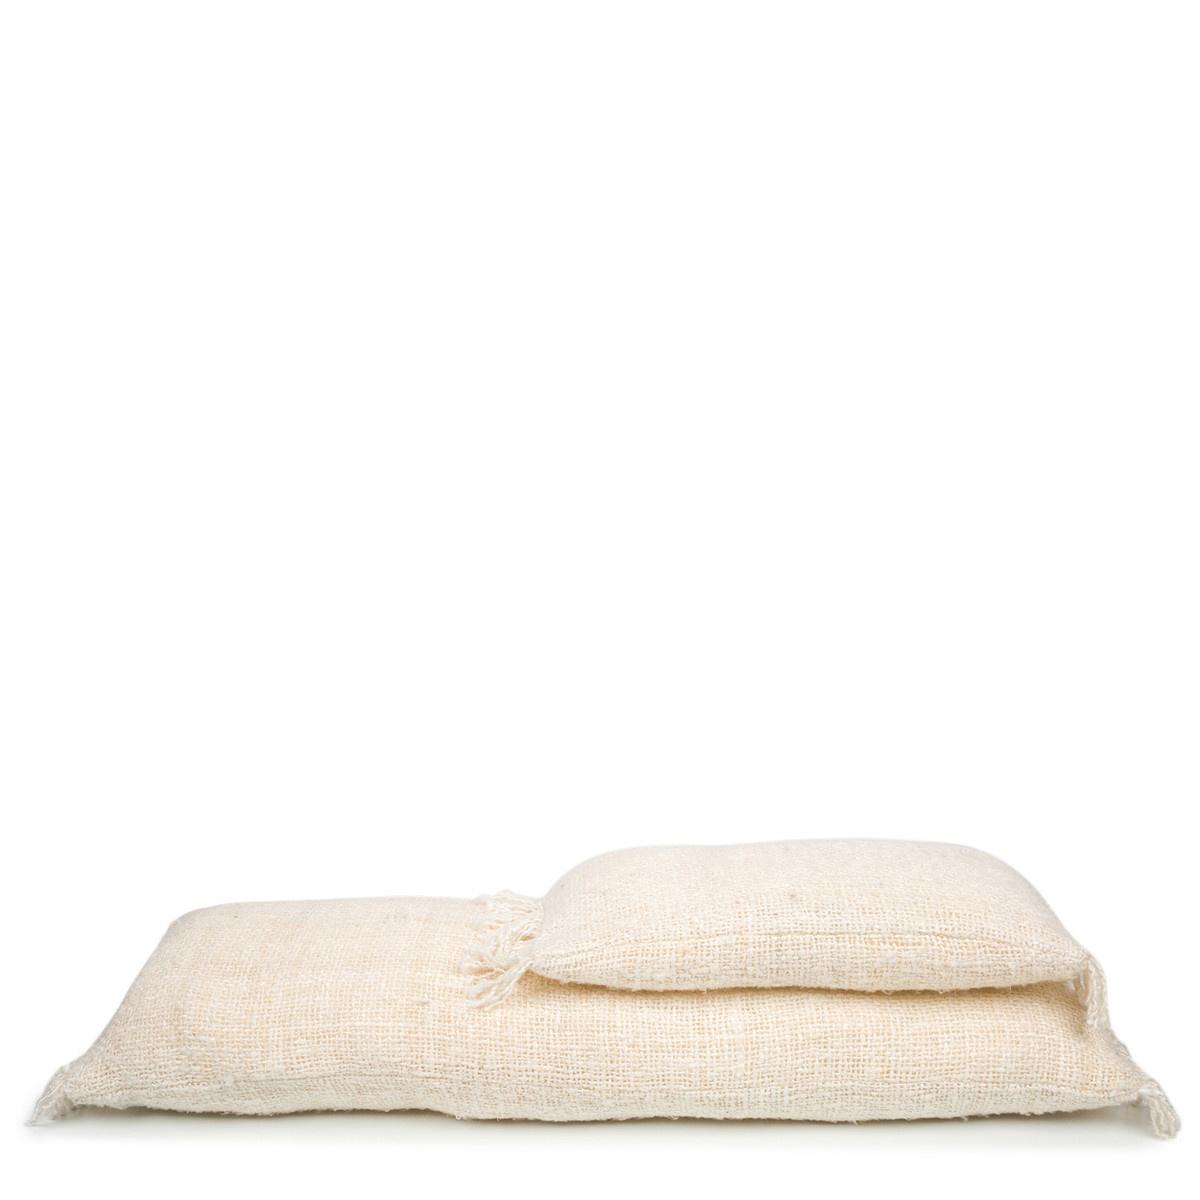 Bazar Bizar Cushion Boho - Cream - L100xW35cm